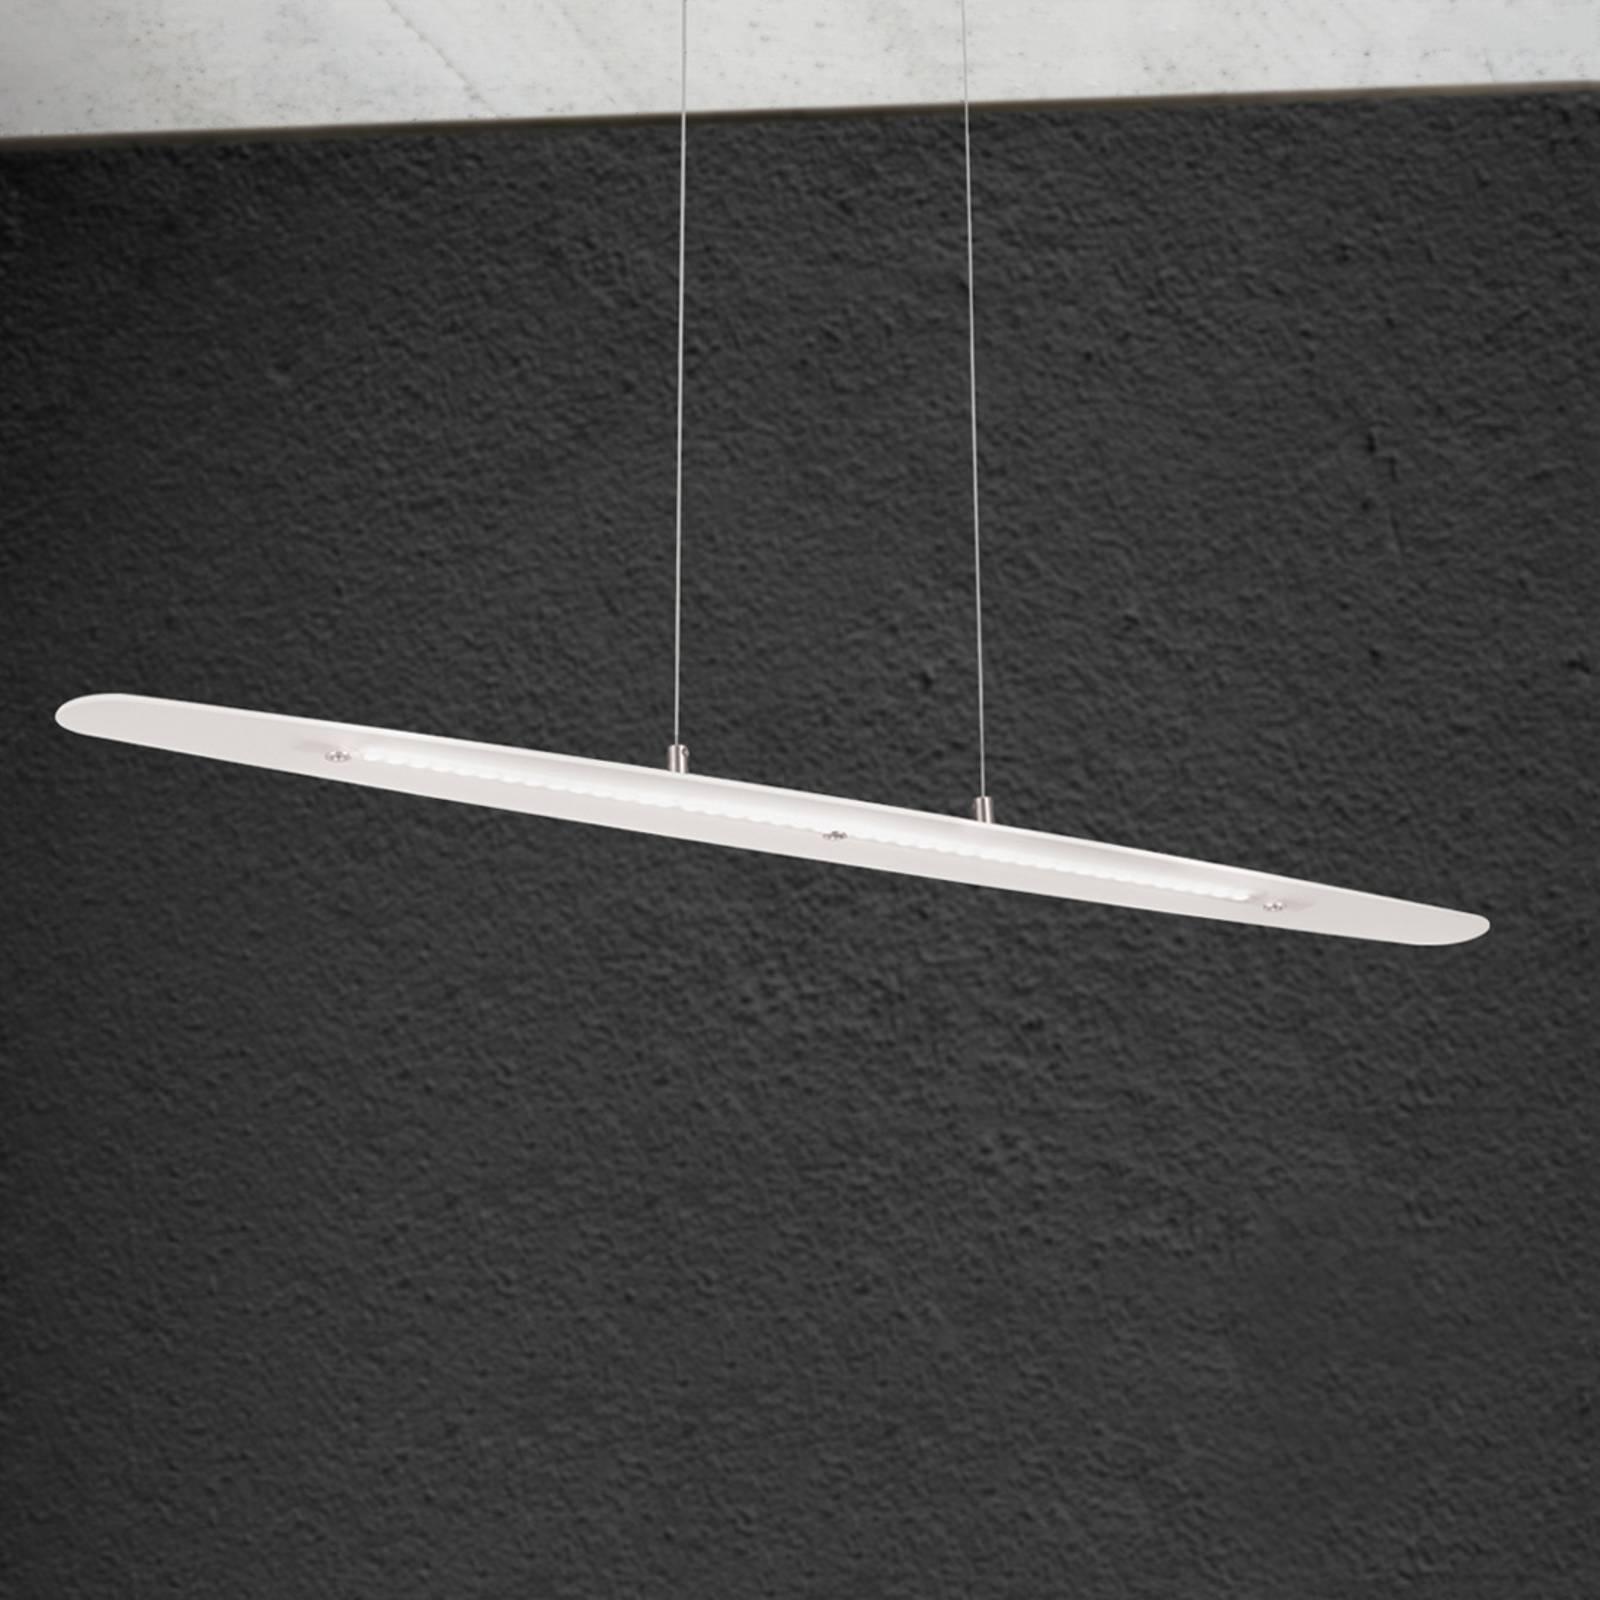 Pitkä LED-riippuvalaisin Sabira